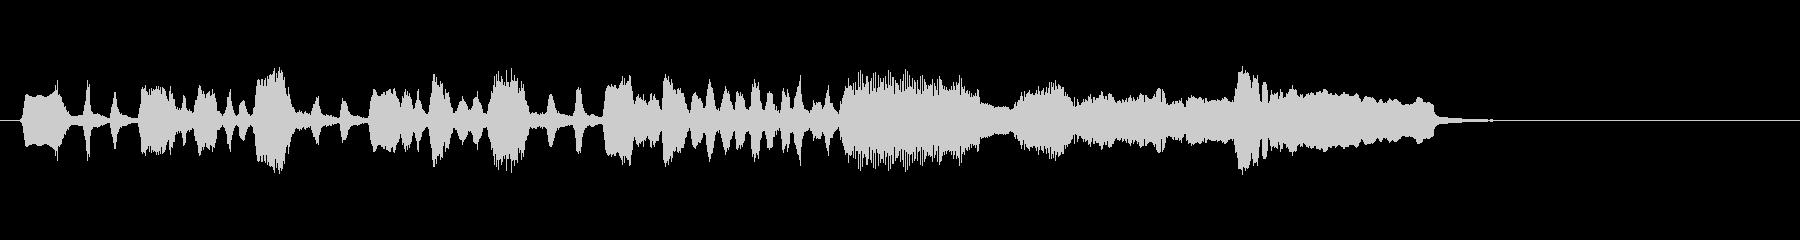 テーマ3A:WOODWINDSの未再生の波形